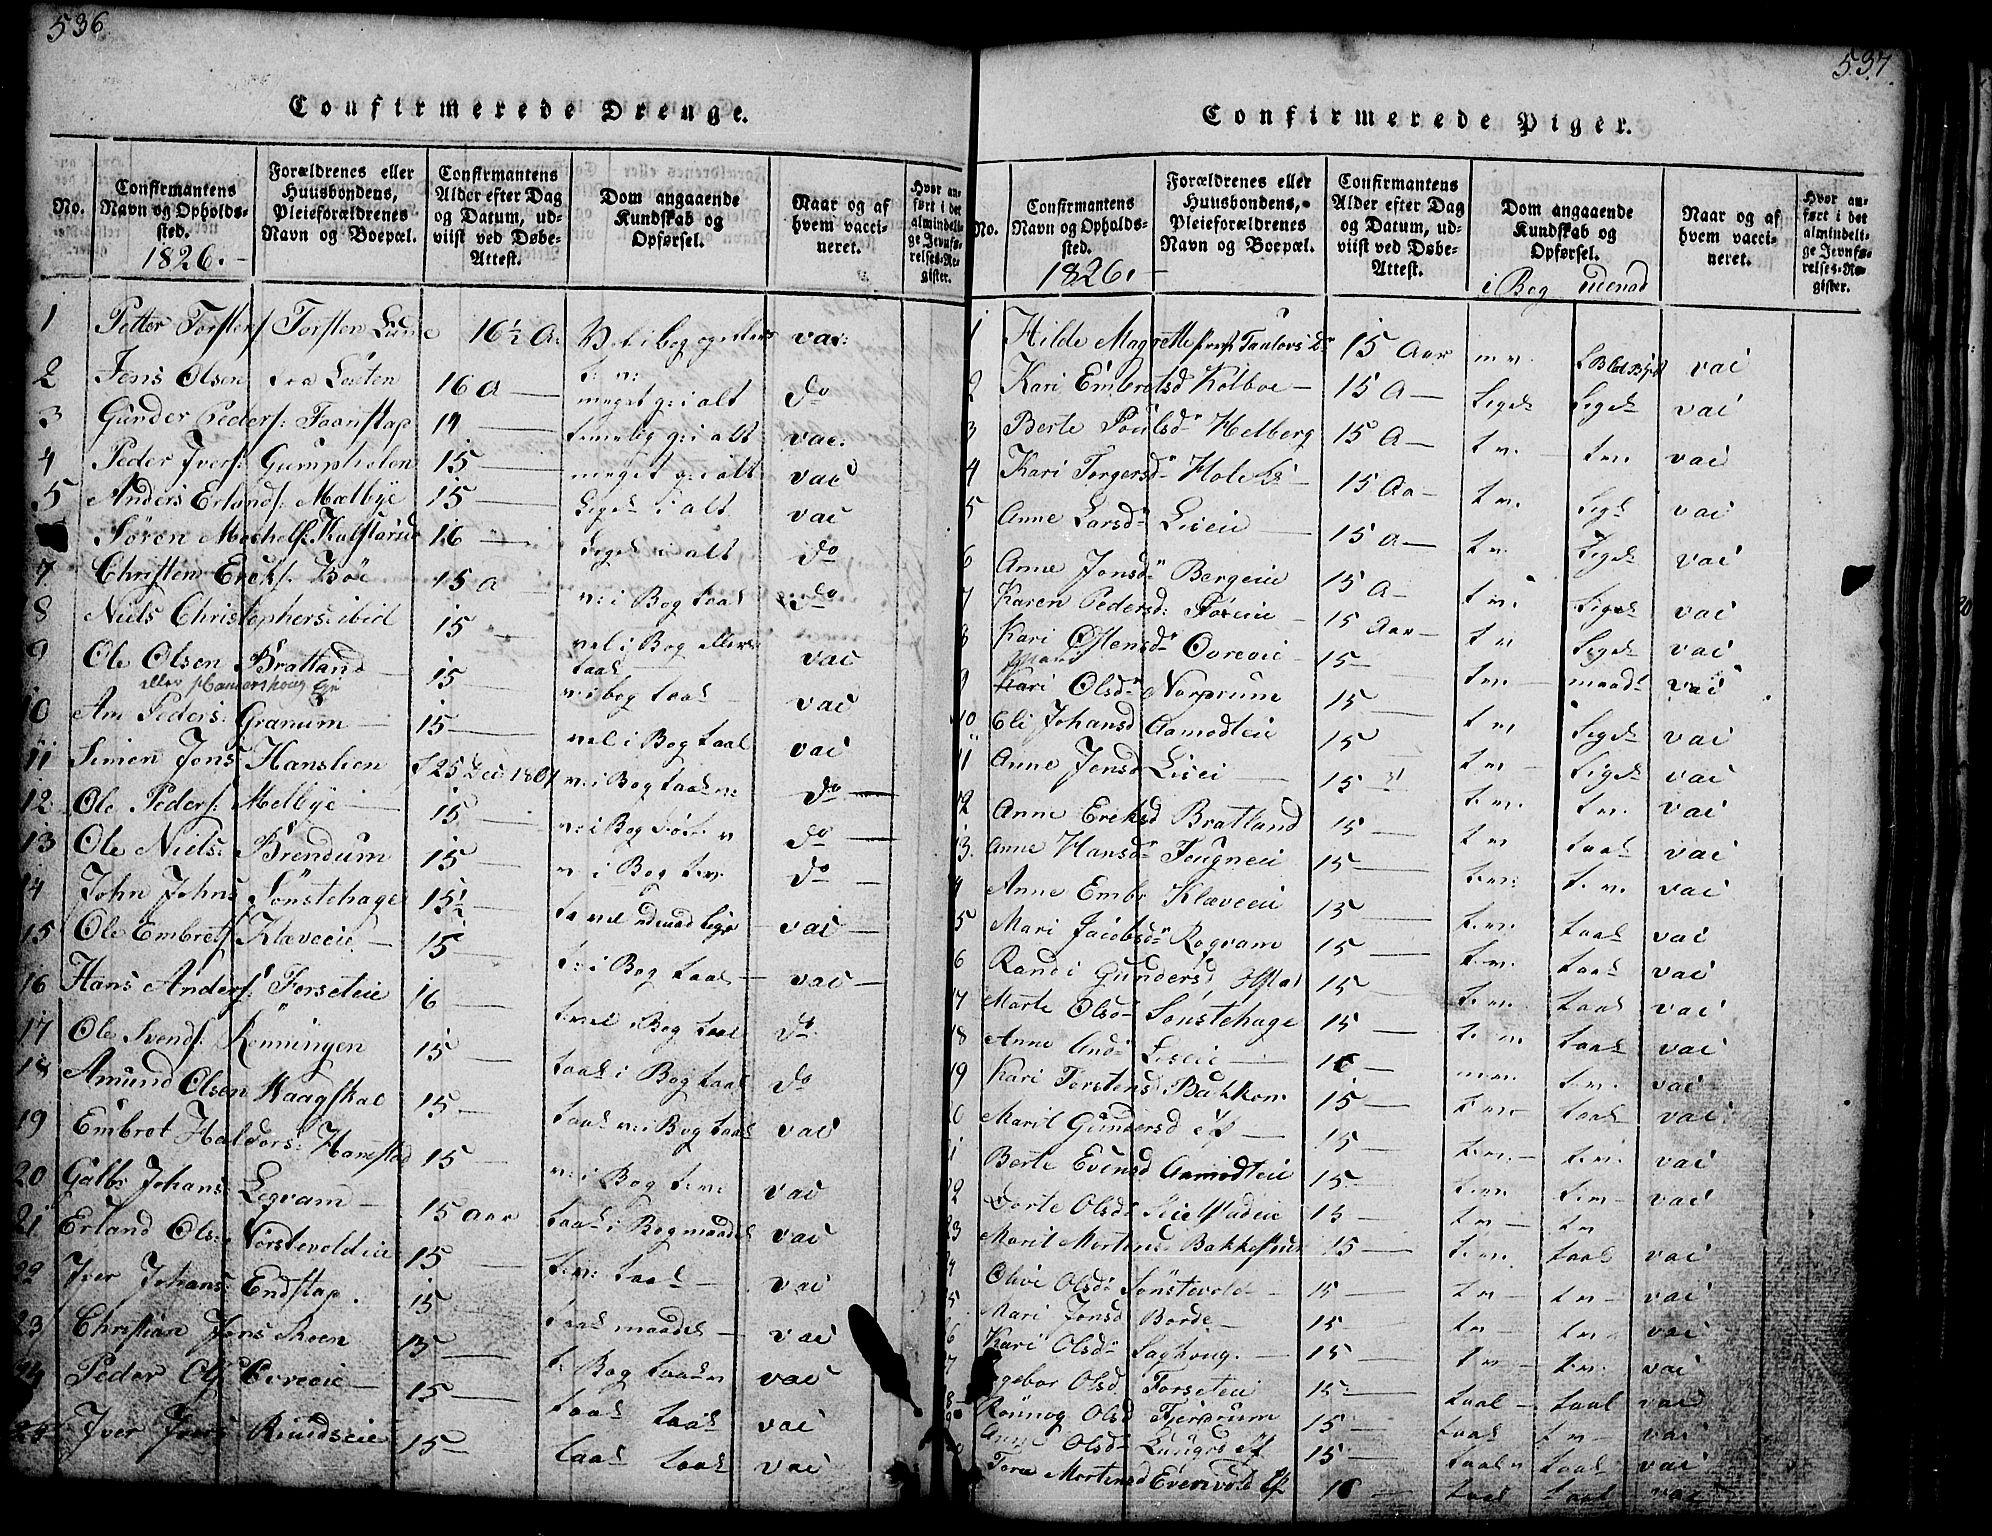 SAH, Gausdal prestekontor, Klokkerbok nr. 1, 1817-1848, s. 536-537